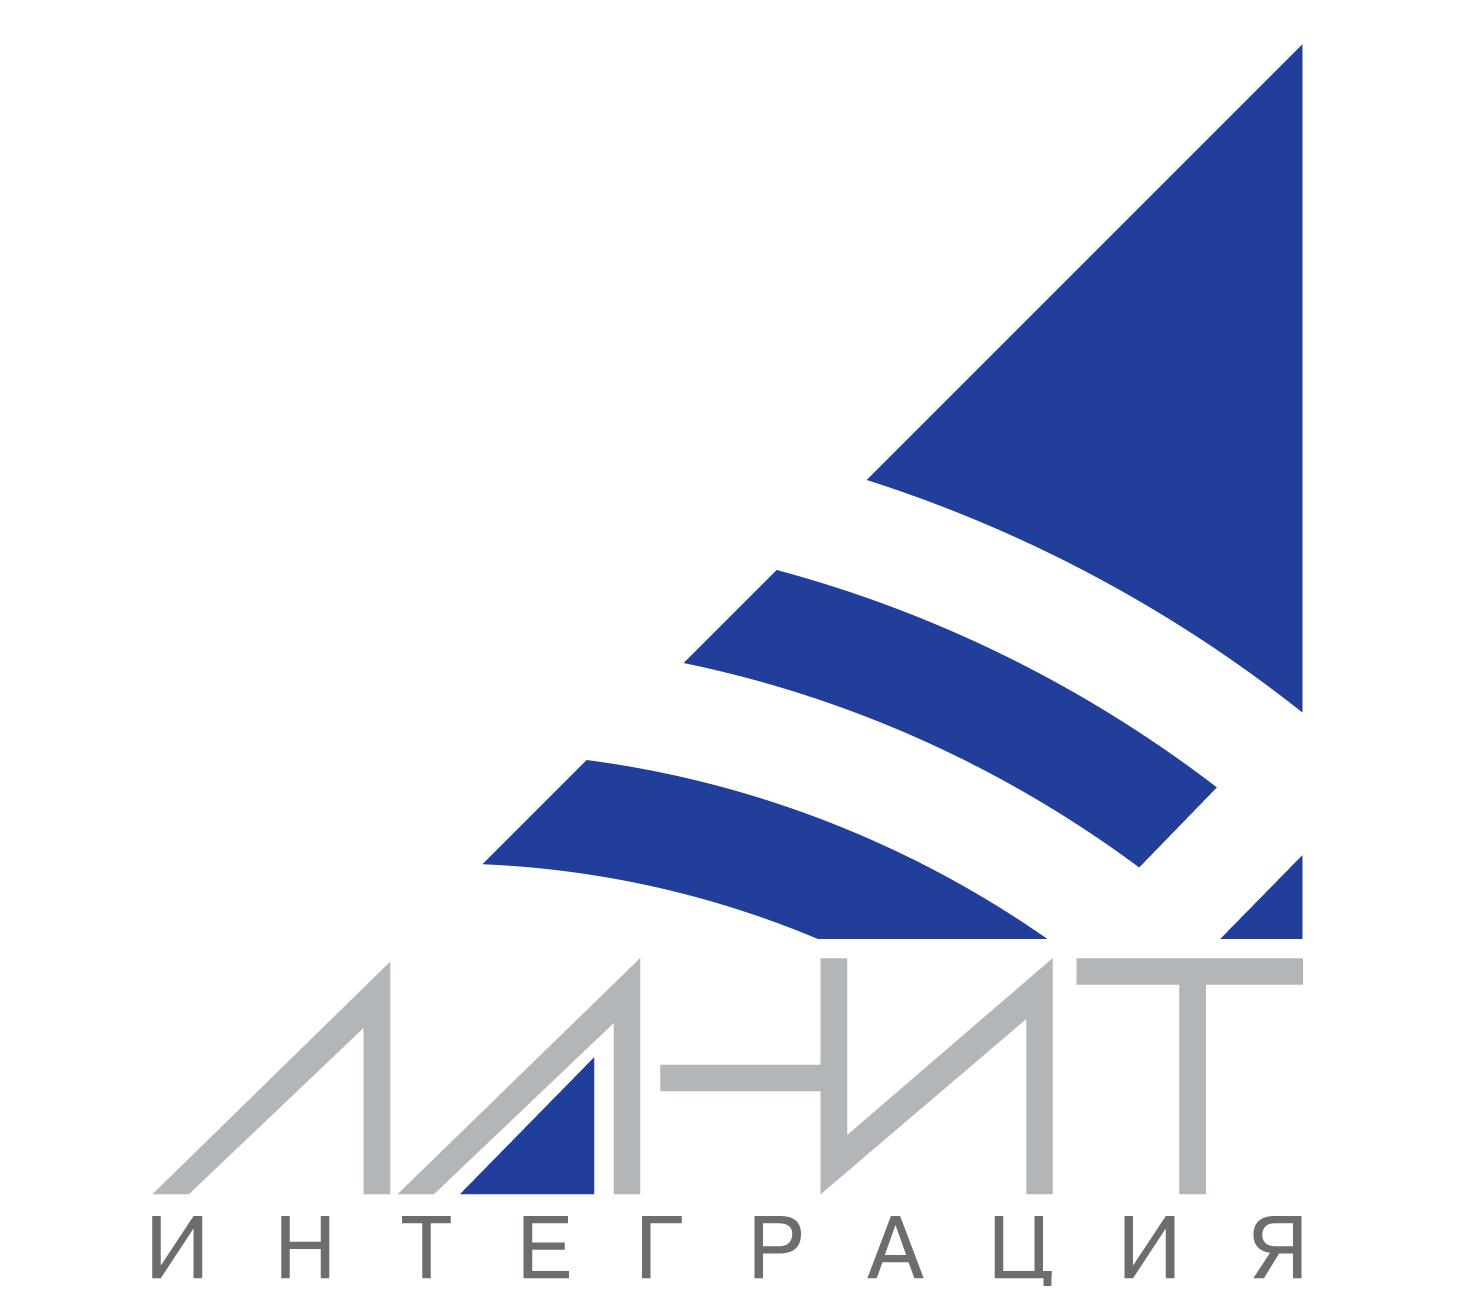 В 39 российских клиниках внедрили разработанный компанией «ЛАНИТ-Интеграция» телемедицинский сервис для борьбы с COVID-19